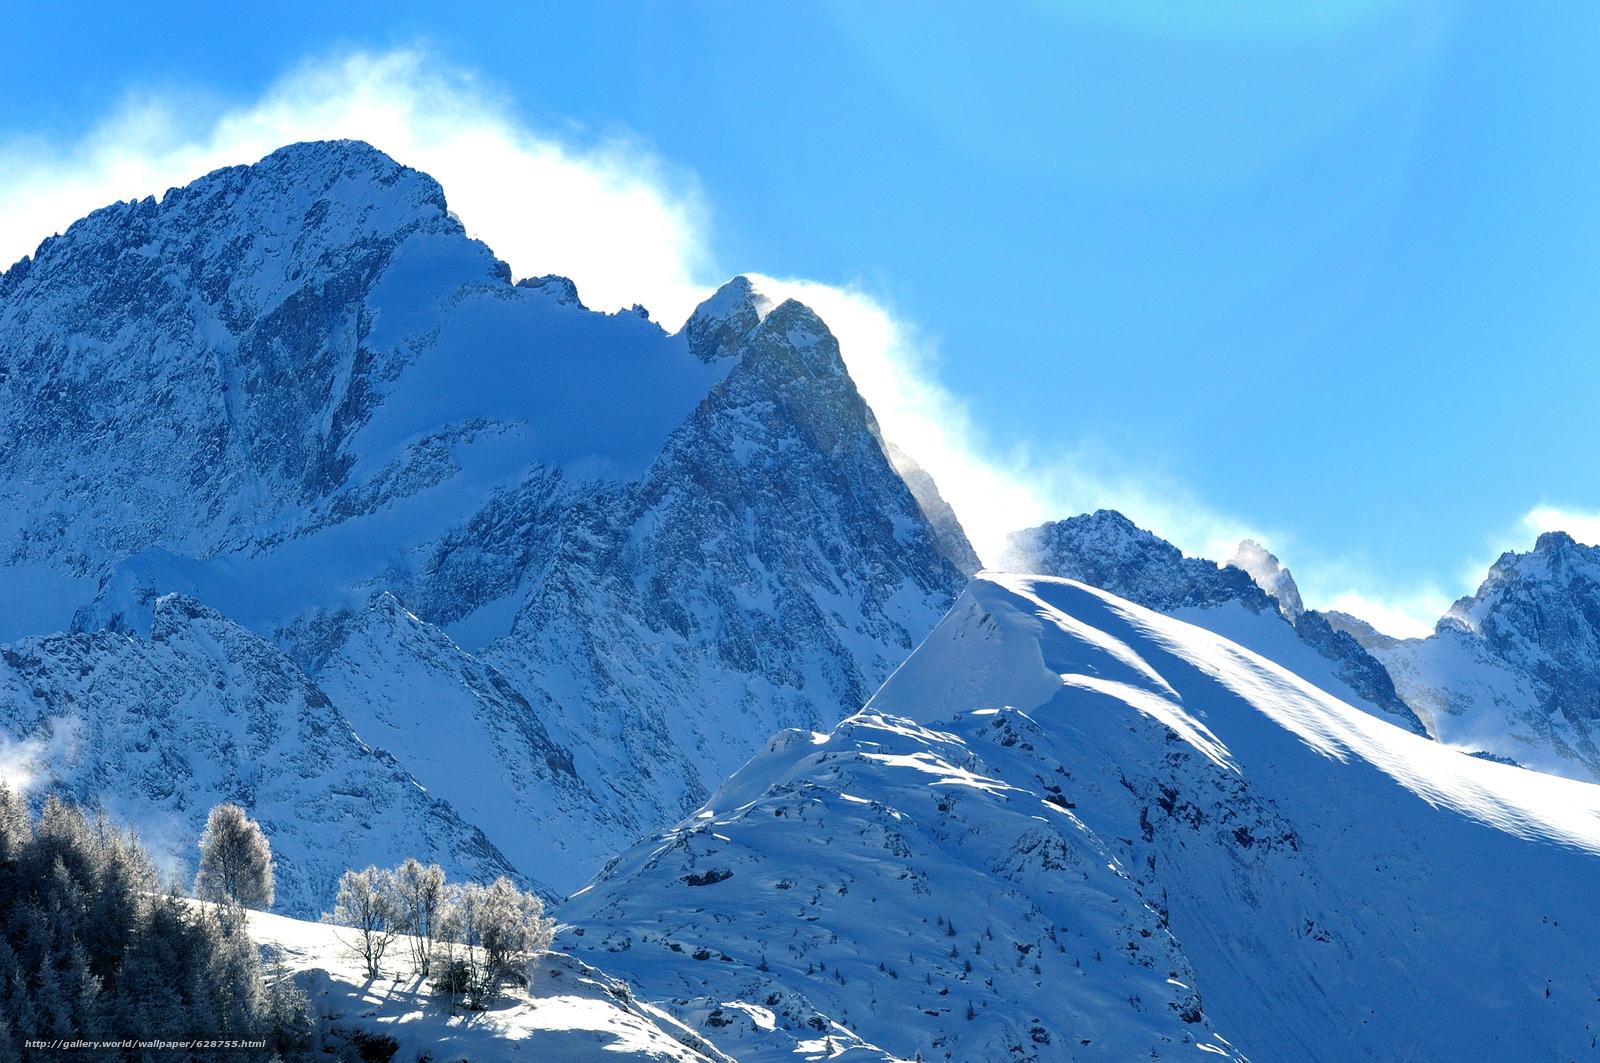 горы, снег, зима, деревья, пейзаж